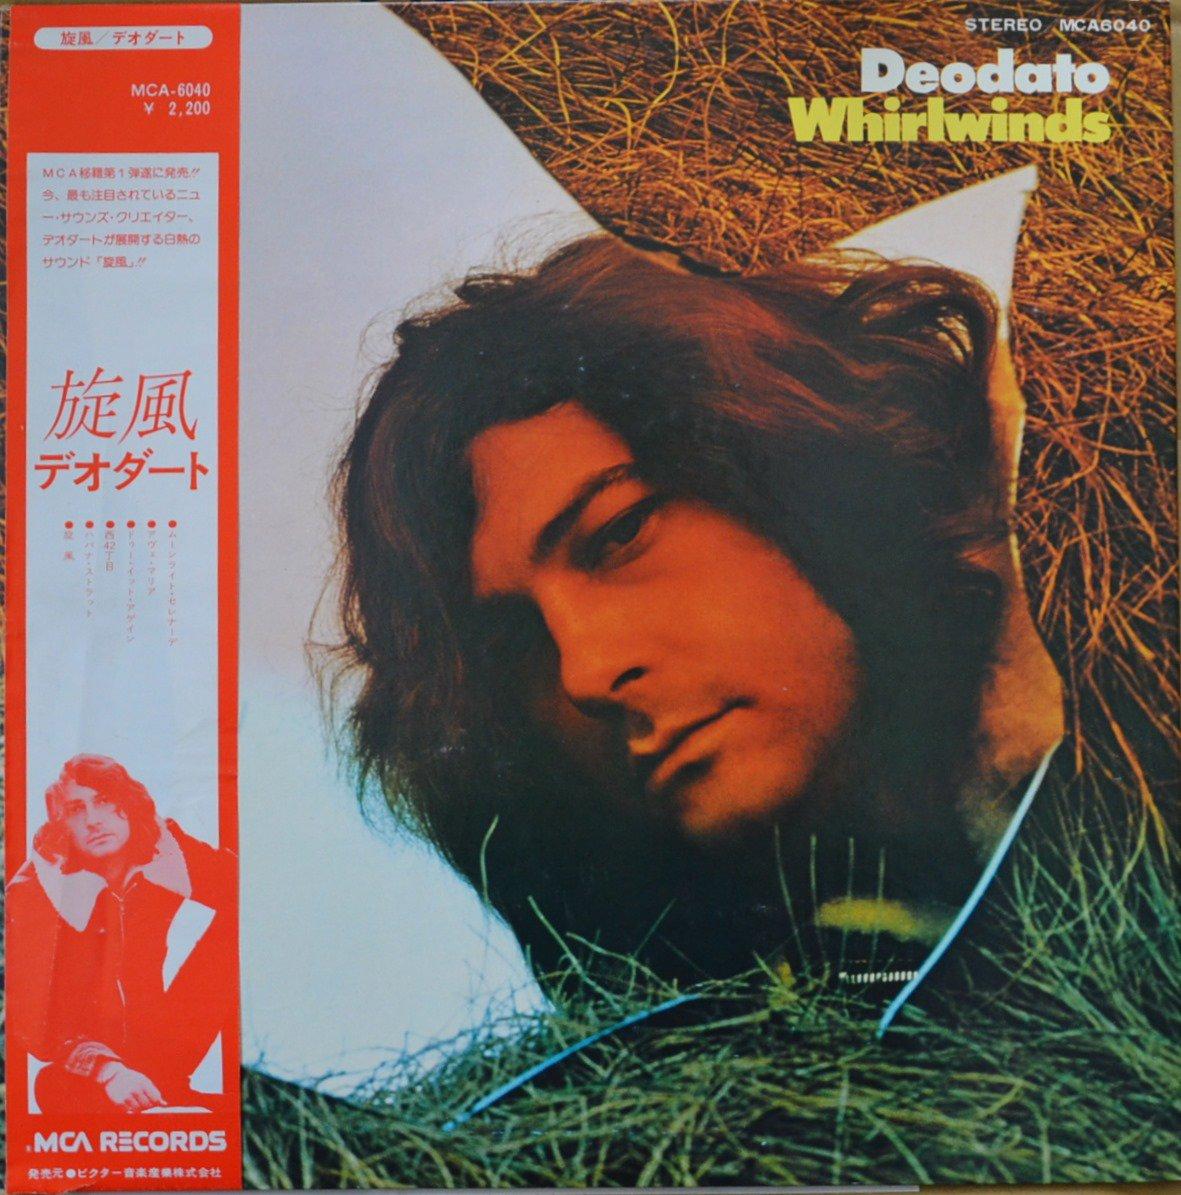 デオダート DEODATO / 旋風 WHIRLWINDS (LP)